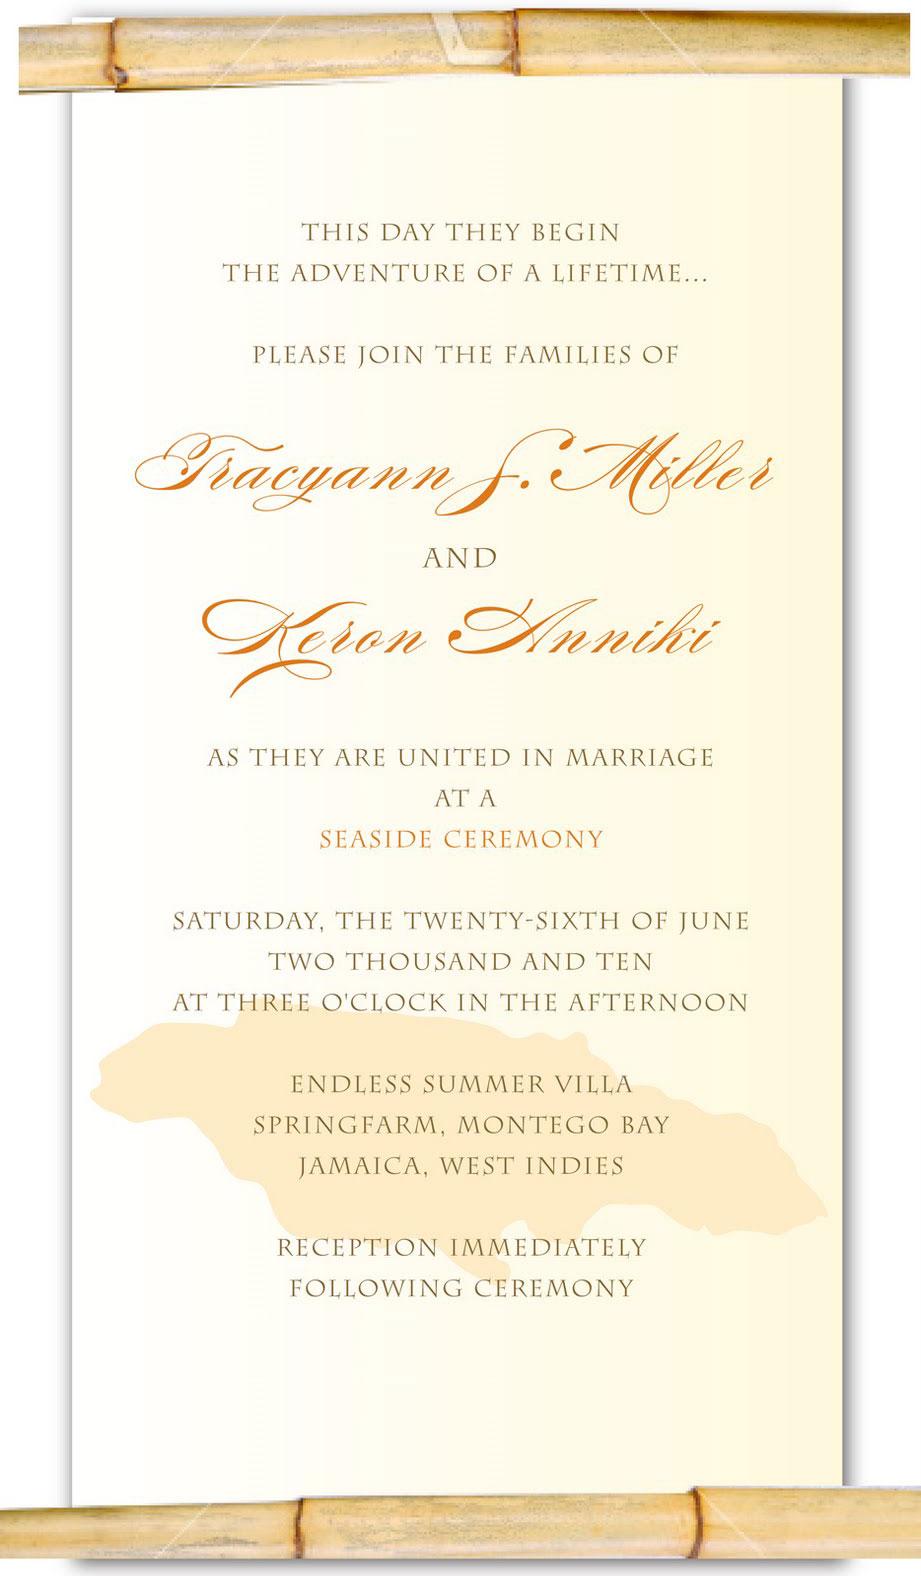 Couture Invitations - Wedding Invitation in Bamboo Box | So Pretty ...